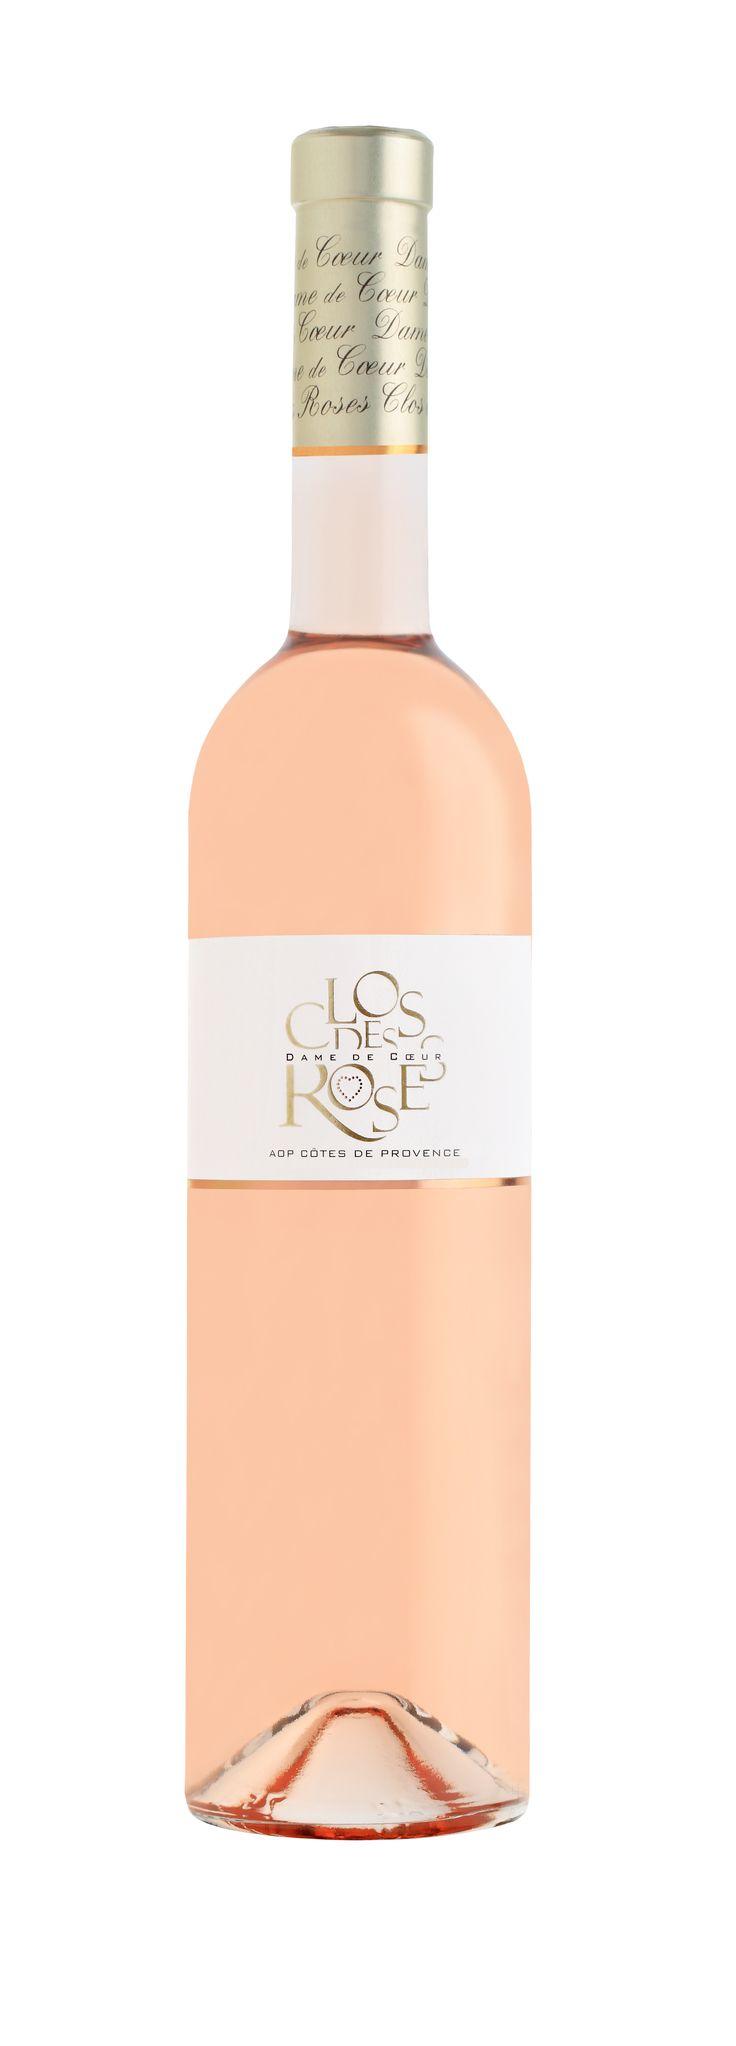 Clos des Roses Rosé - Cuvée Dame de coeur